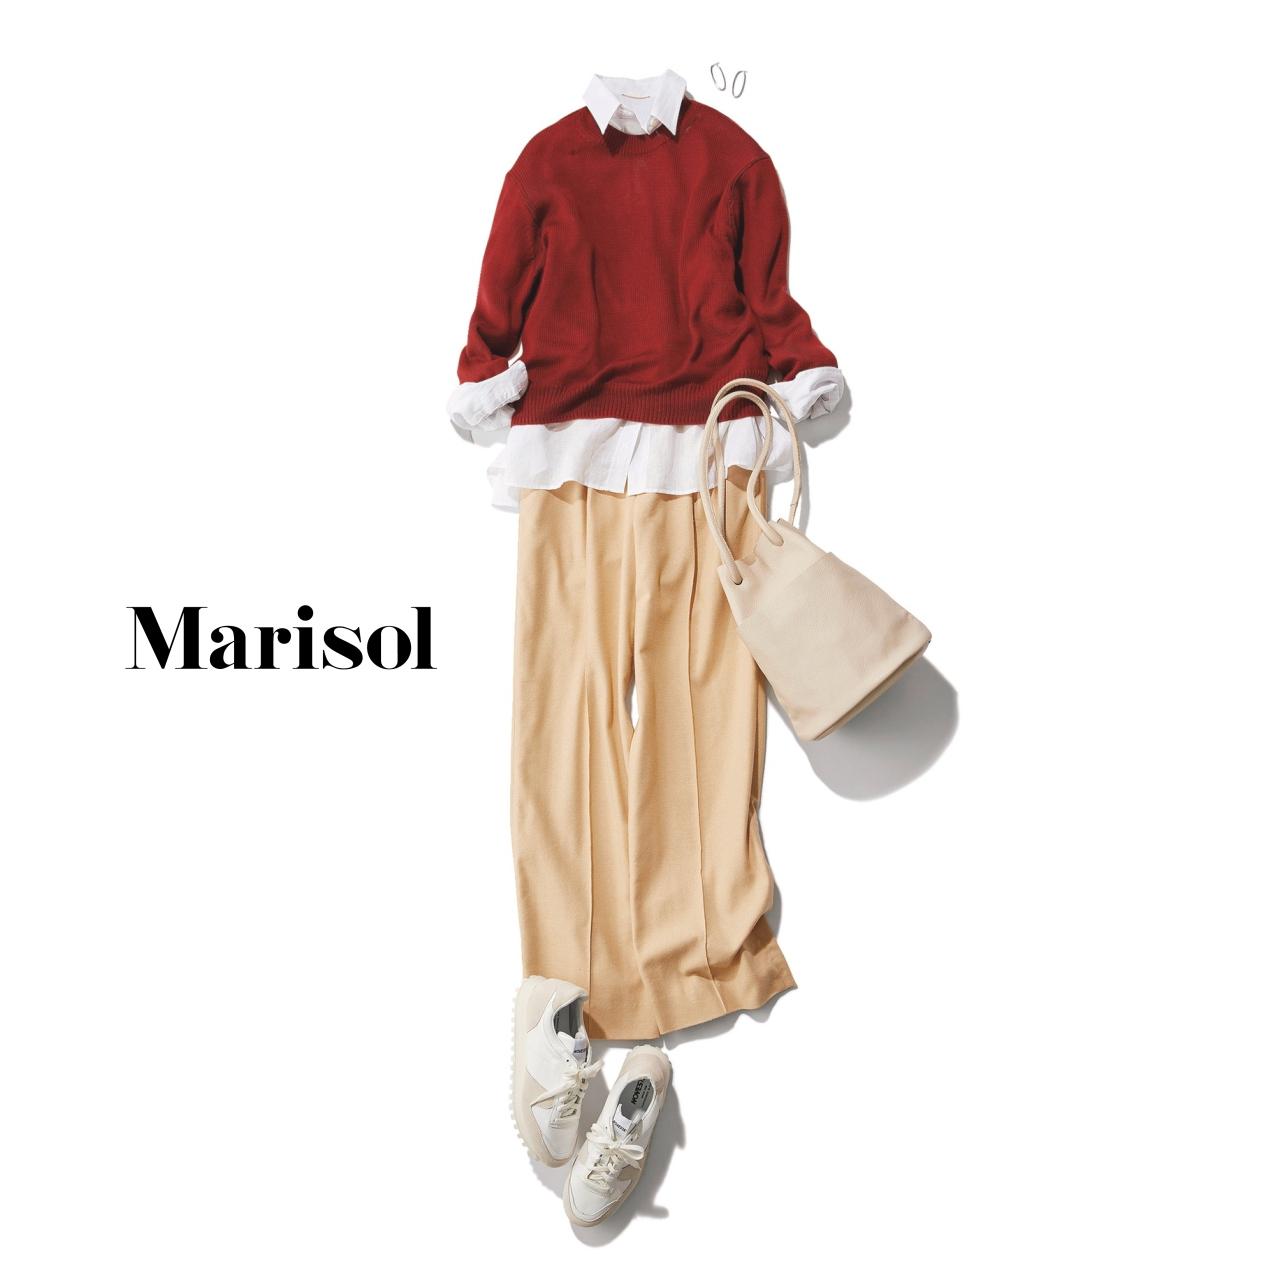 40代ファッション 白シャツ×赤ニット×チノパンツコーデ